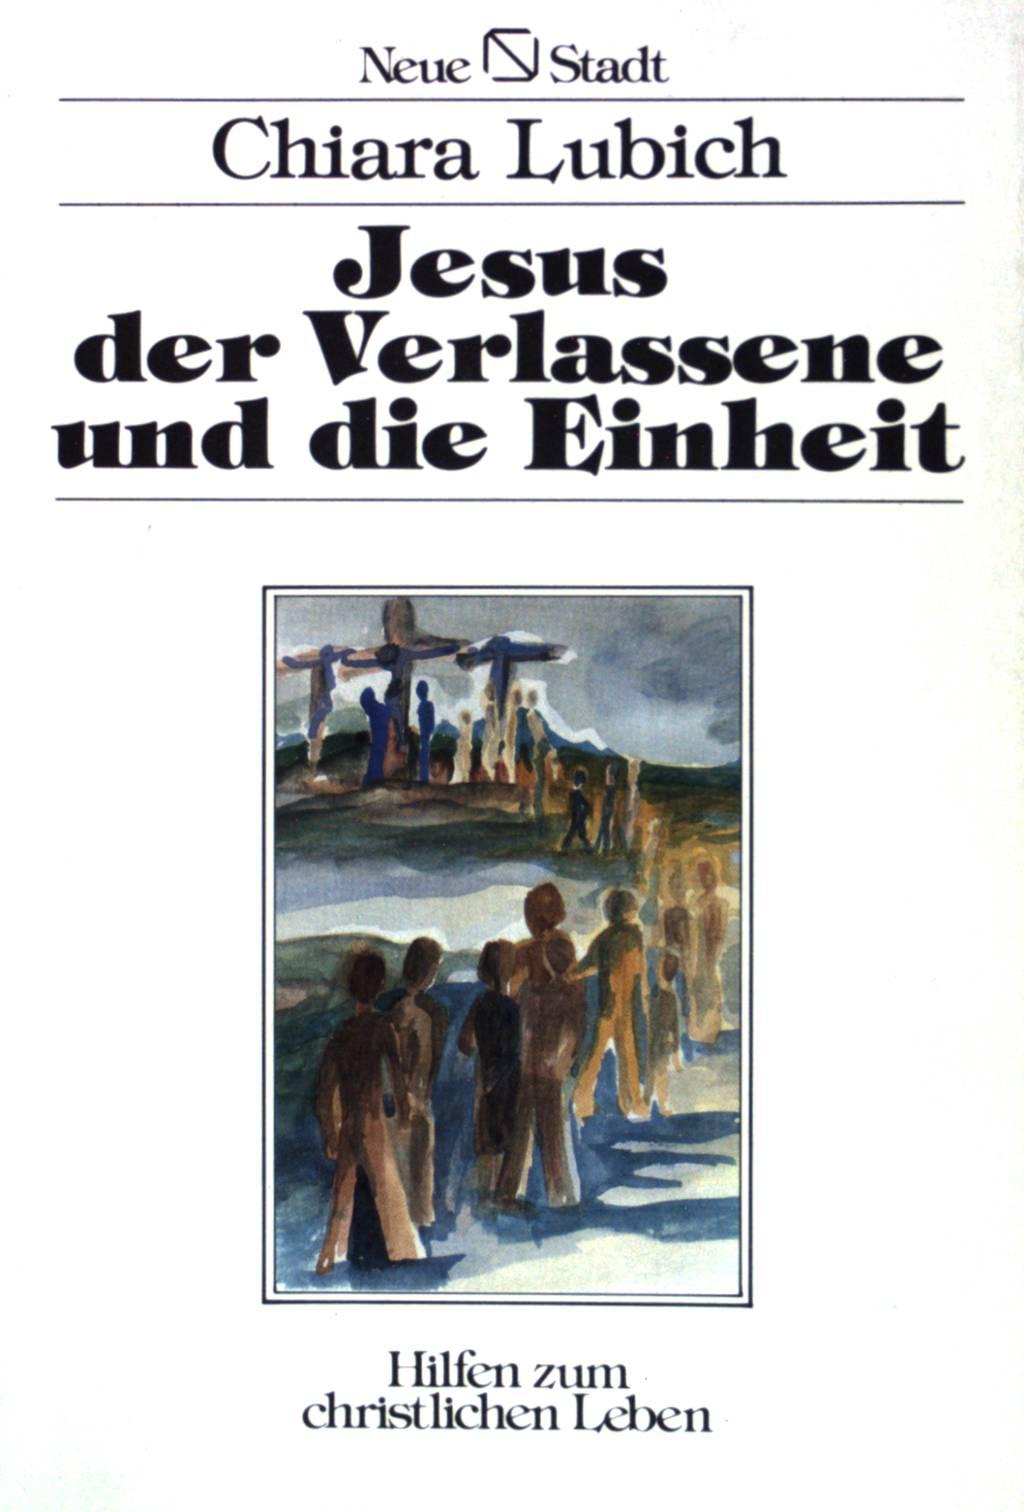 Jesus der Verlassene und die Einheit. Übers. aus dem Ital.: Gertraud Budig, - Lubich, Chiara